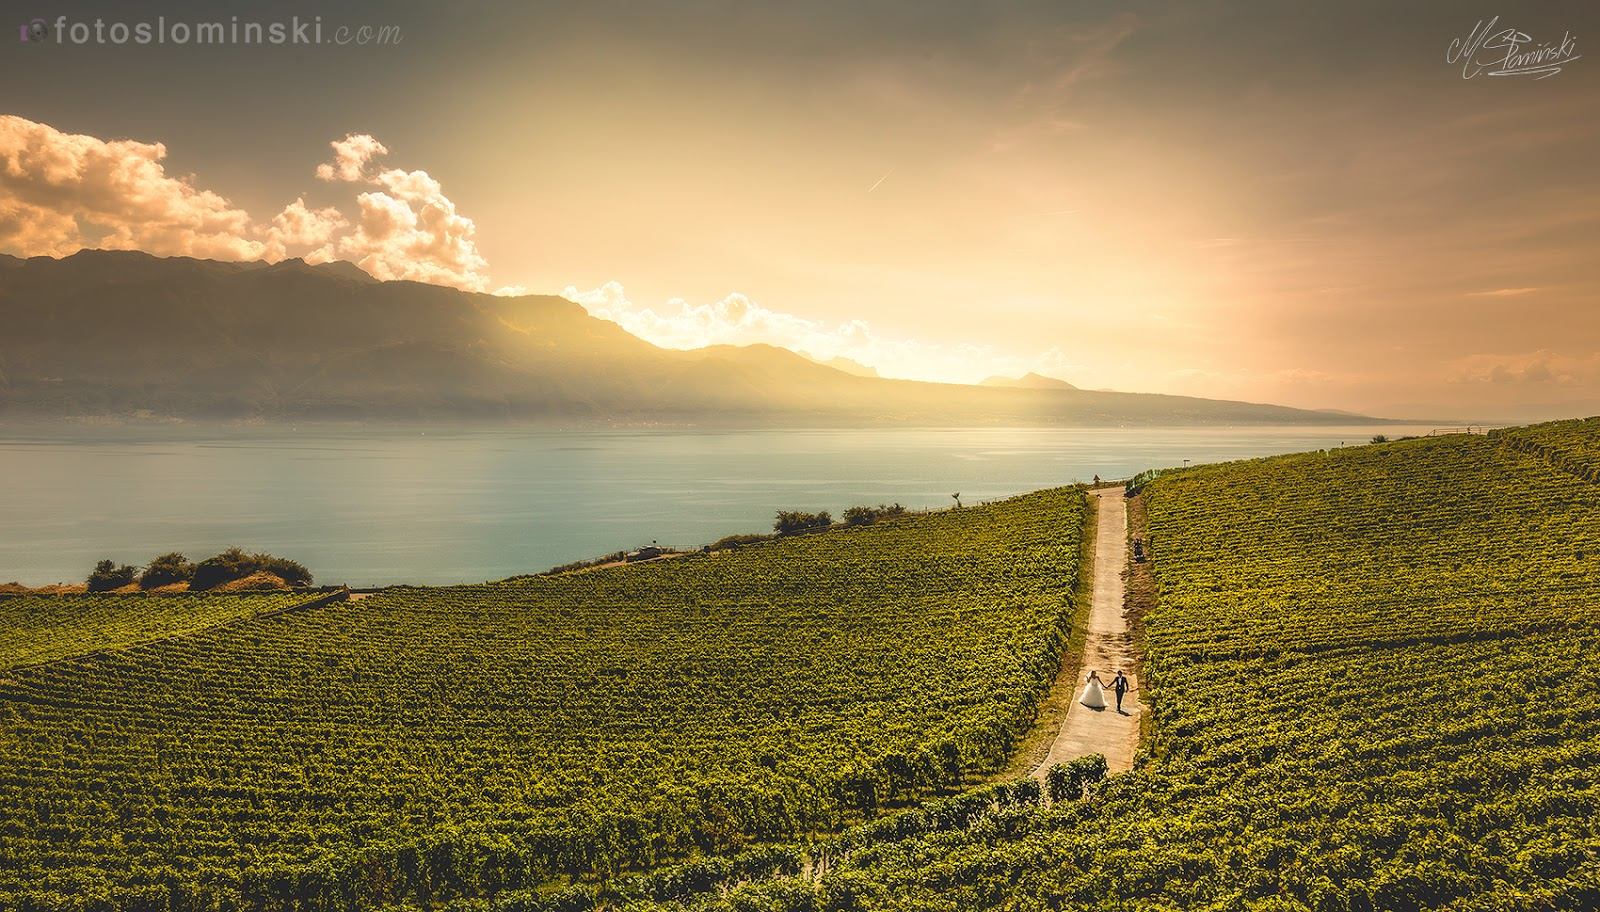 Sesja ślubna za granicą - Szwajcaria, winnice koło Montreux - Fotografia ślubna Wrocław #ZdjęciaSłomińśkiego. Fotograf Wrocław.